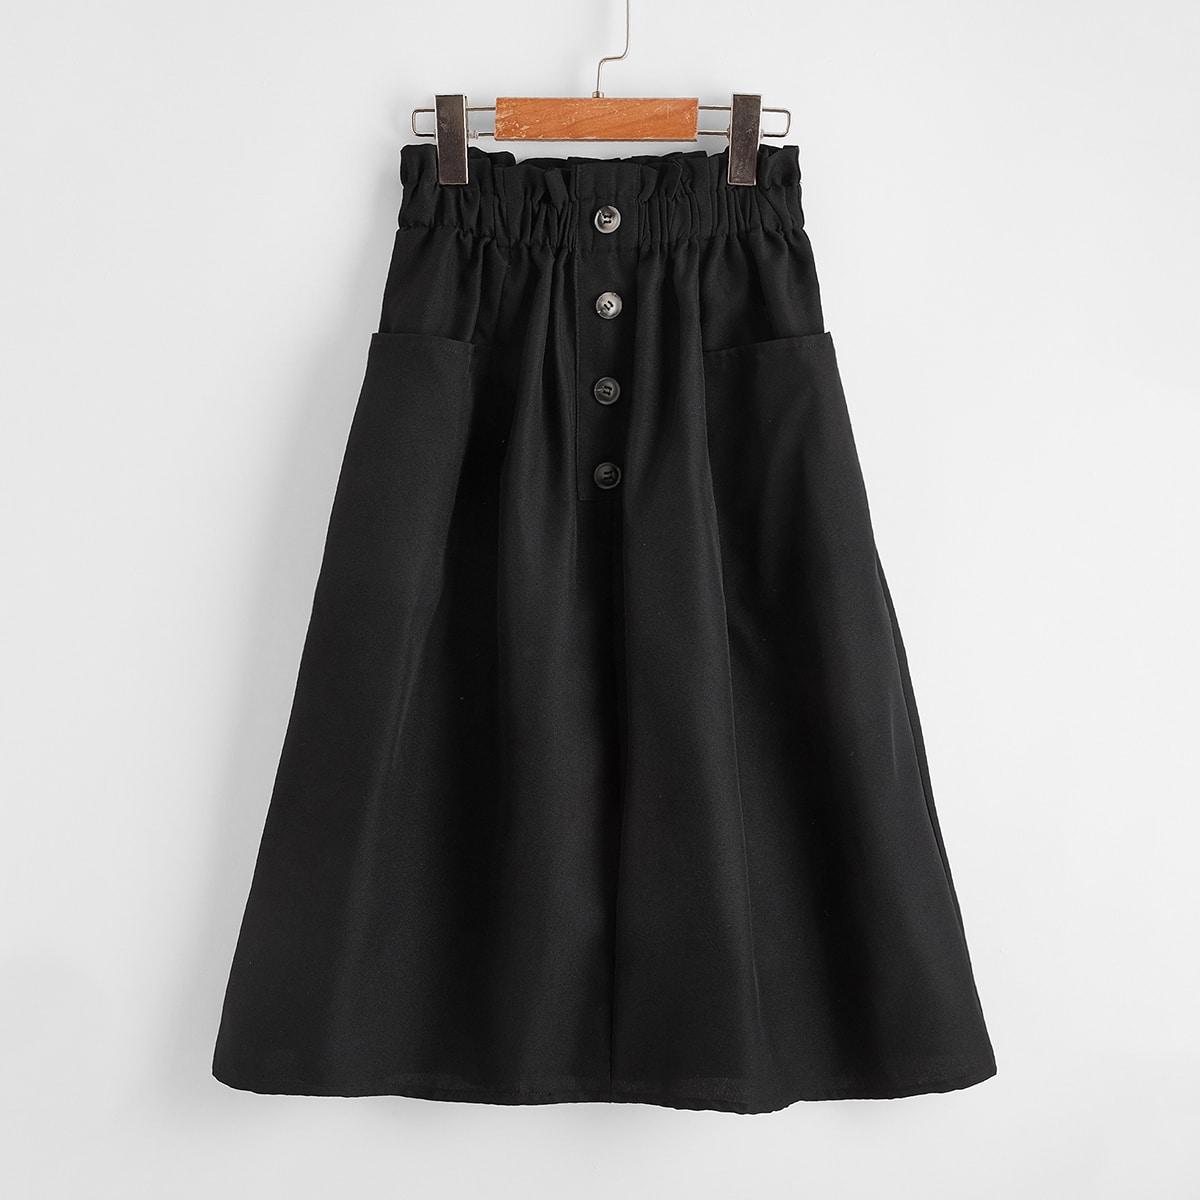 Falda de mirada de lino con botón delantero de cintura con volante